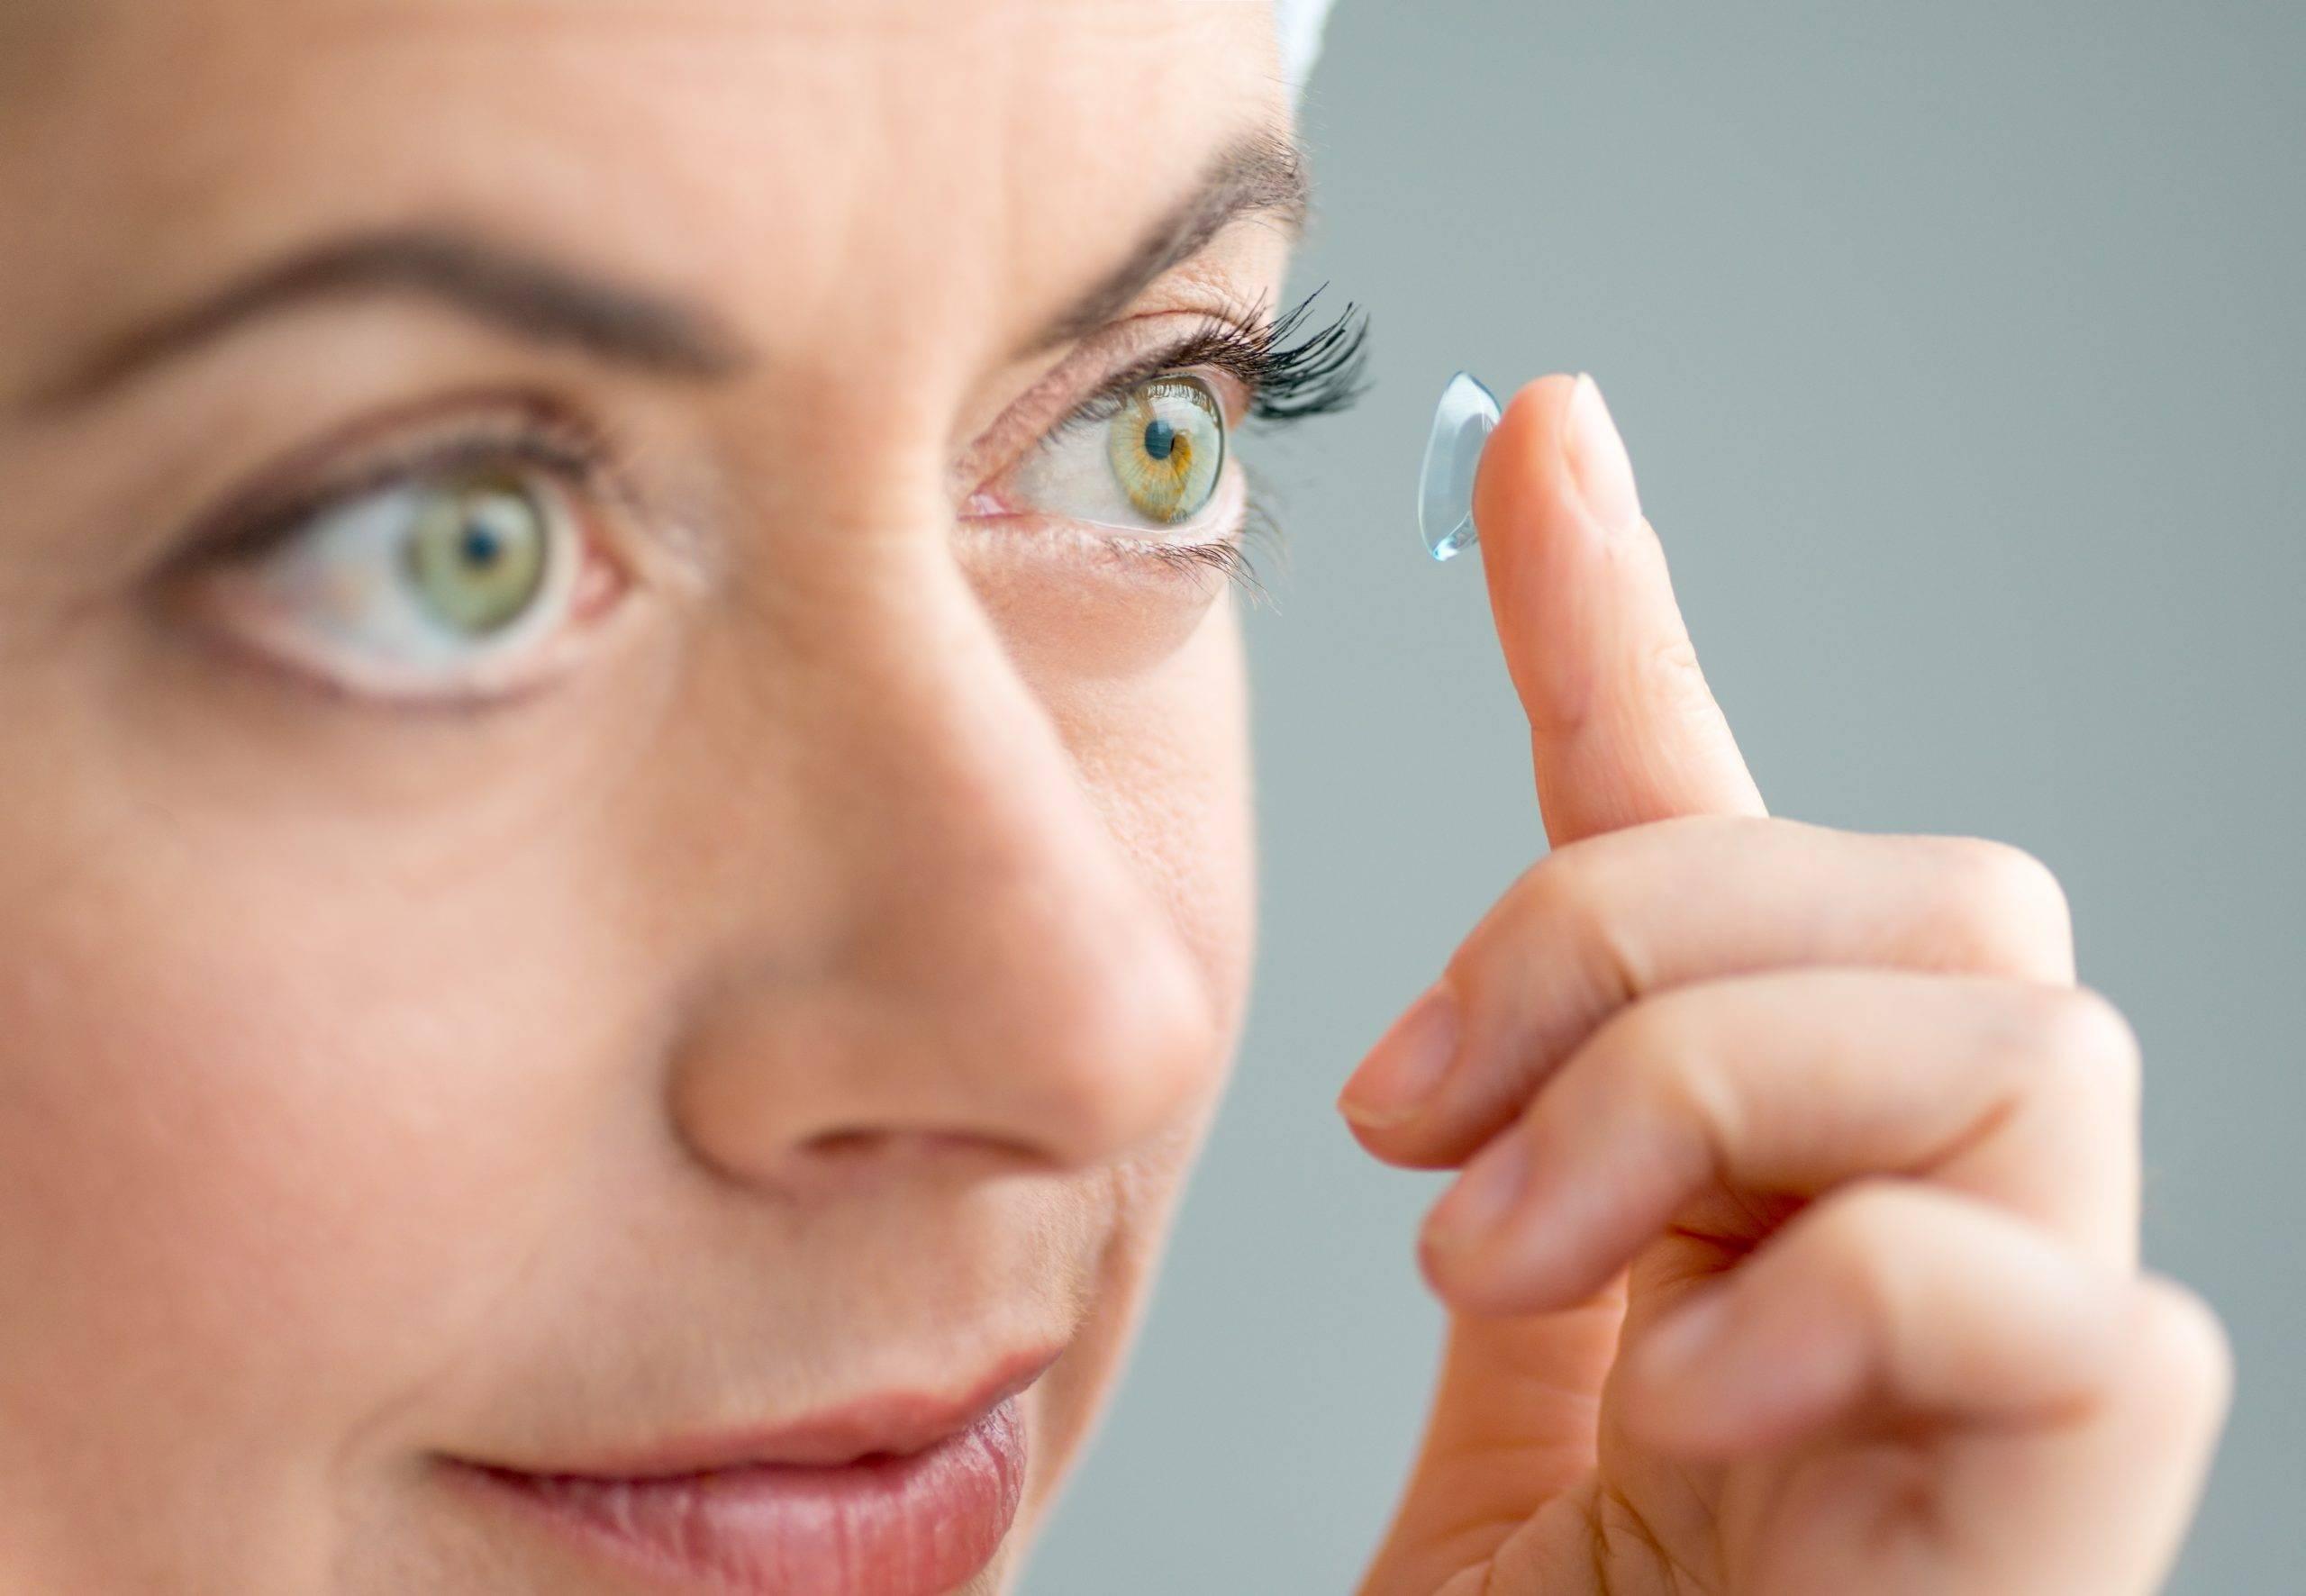 Как привыкнуть к очкам - новым, астигматическим